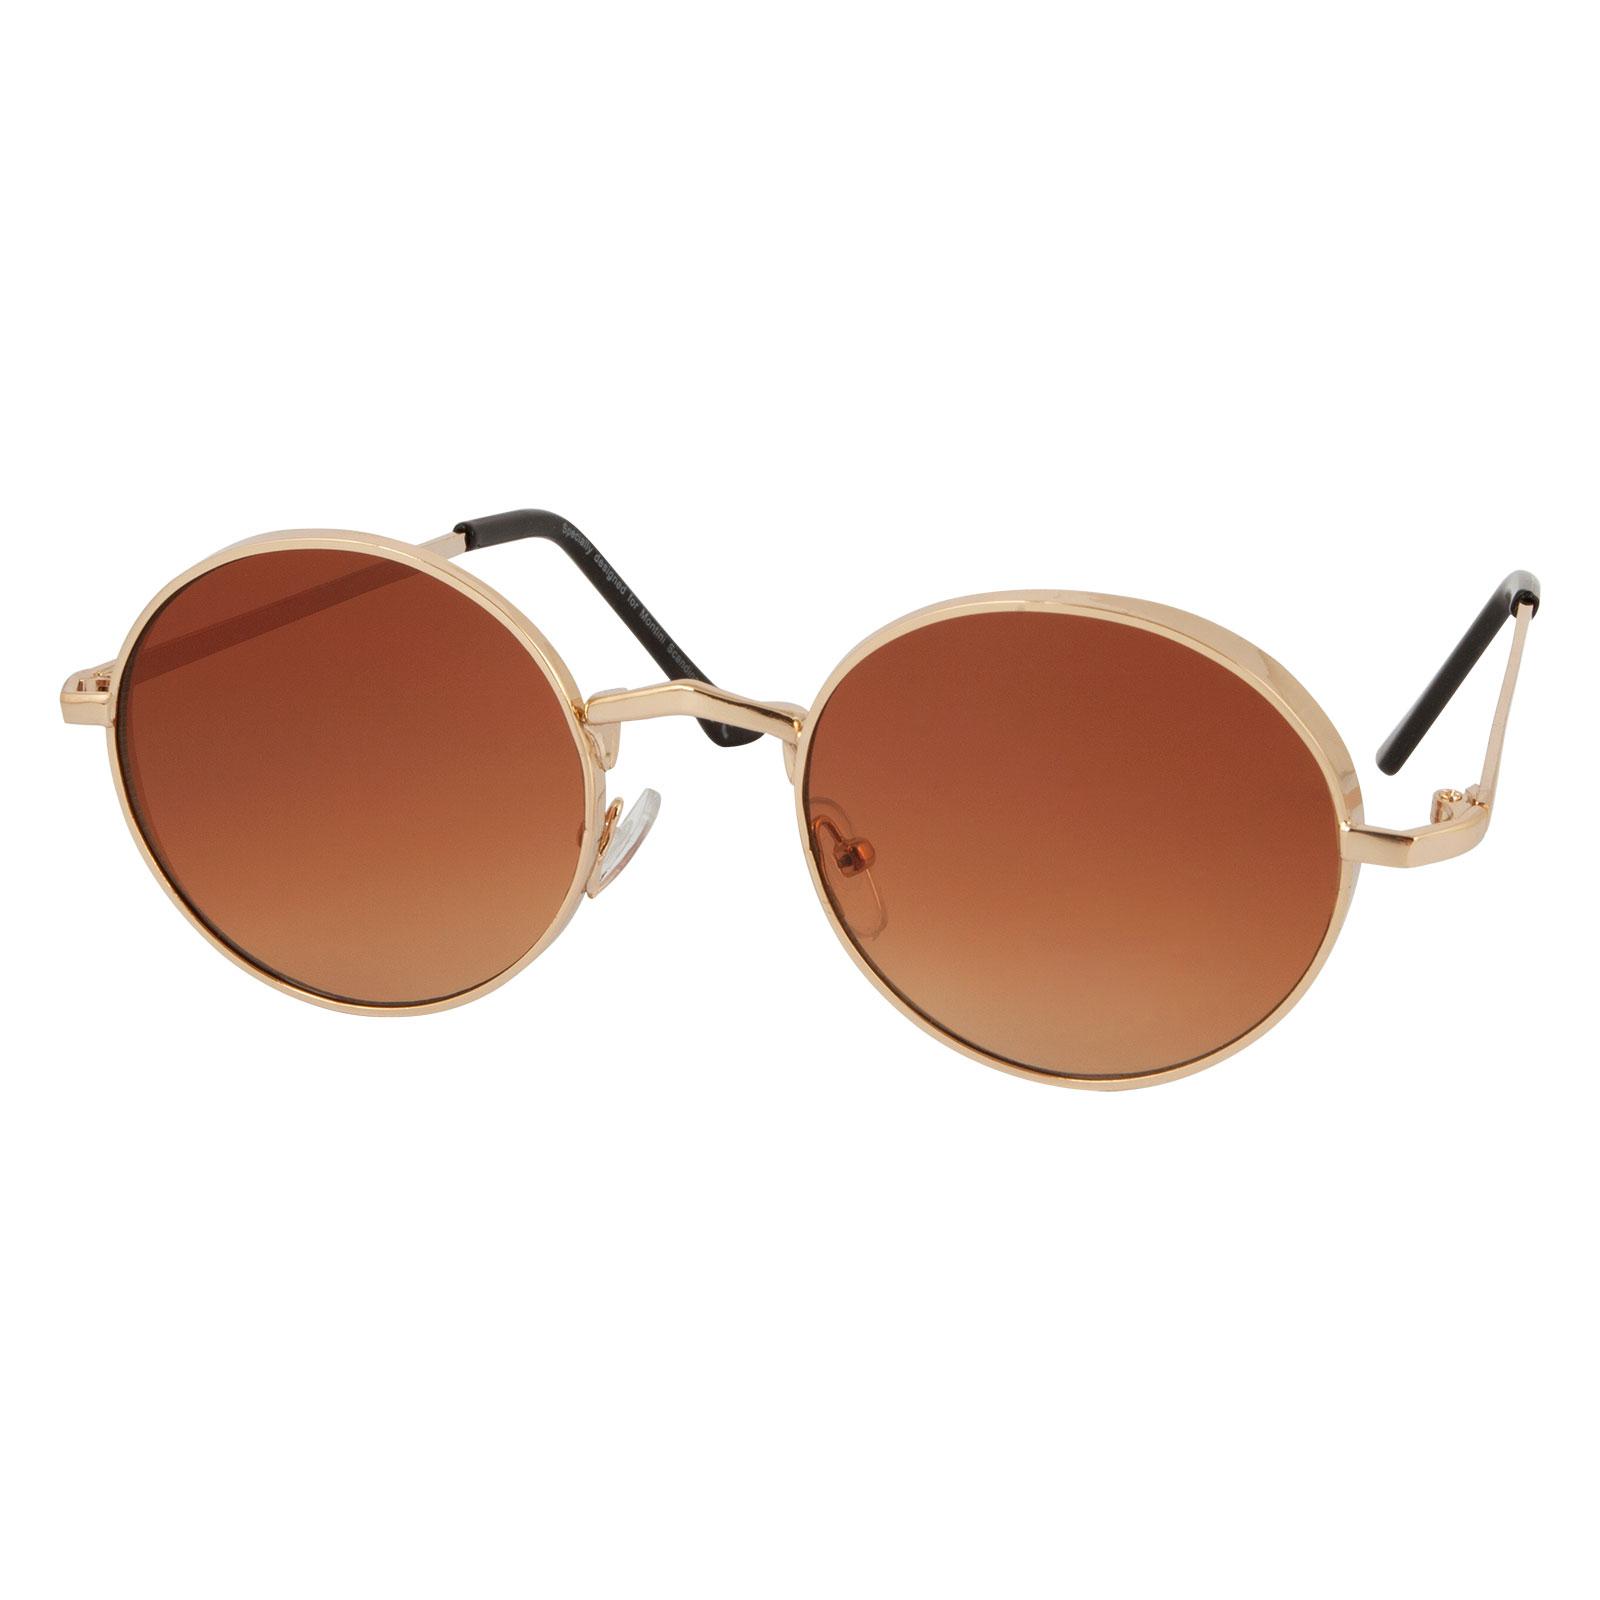 Solglasögon Runda Bruna